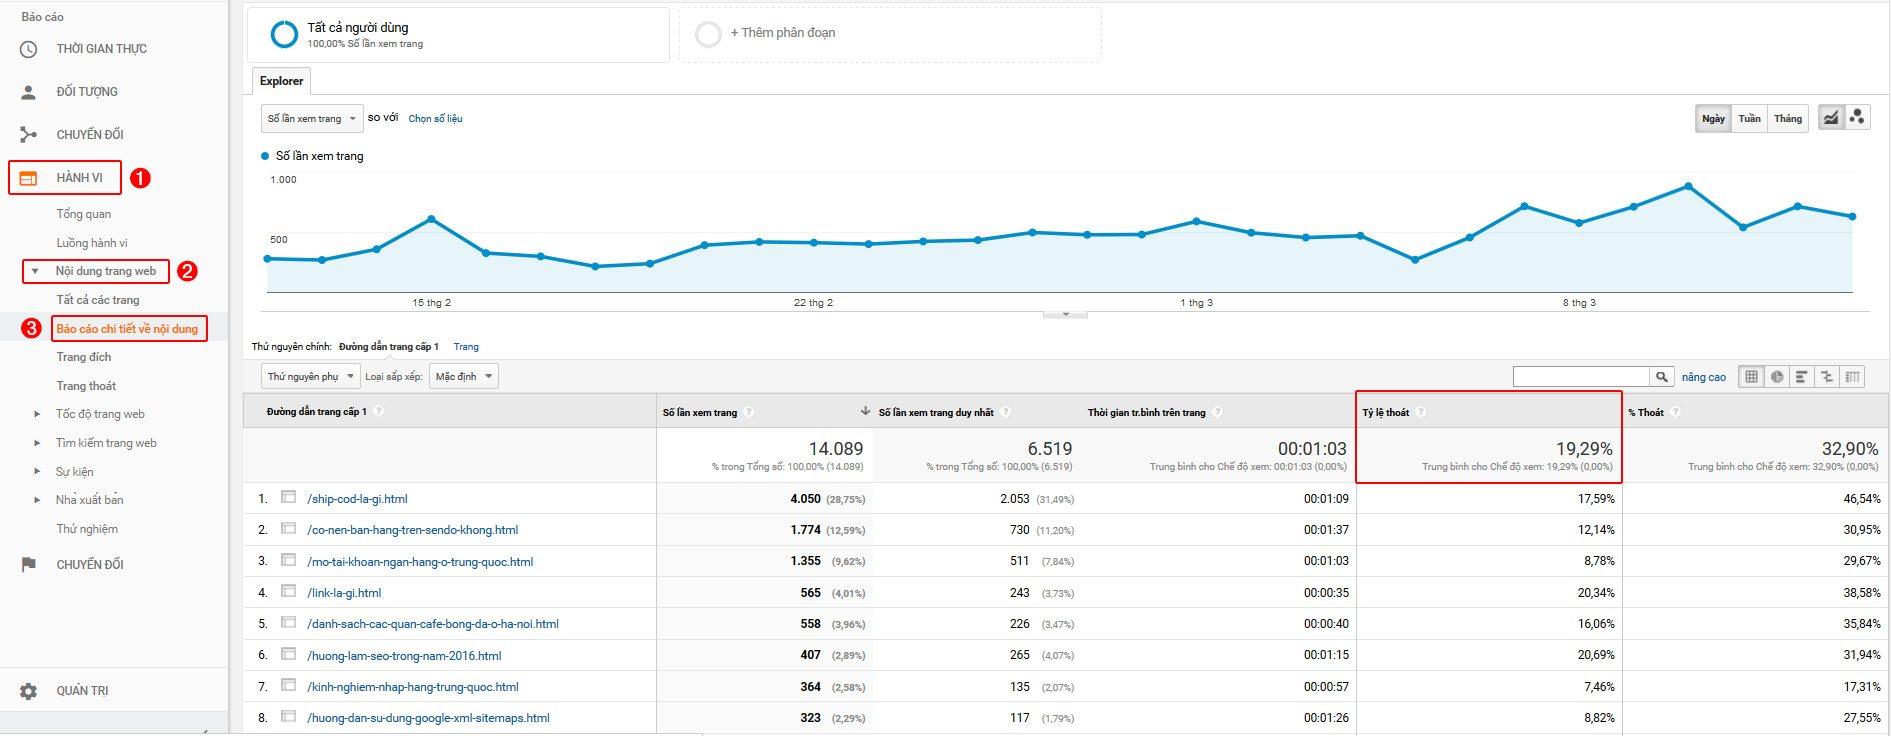 Xem tỷ lệ thoát từng bài viết trong Google Analytics